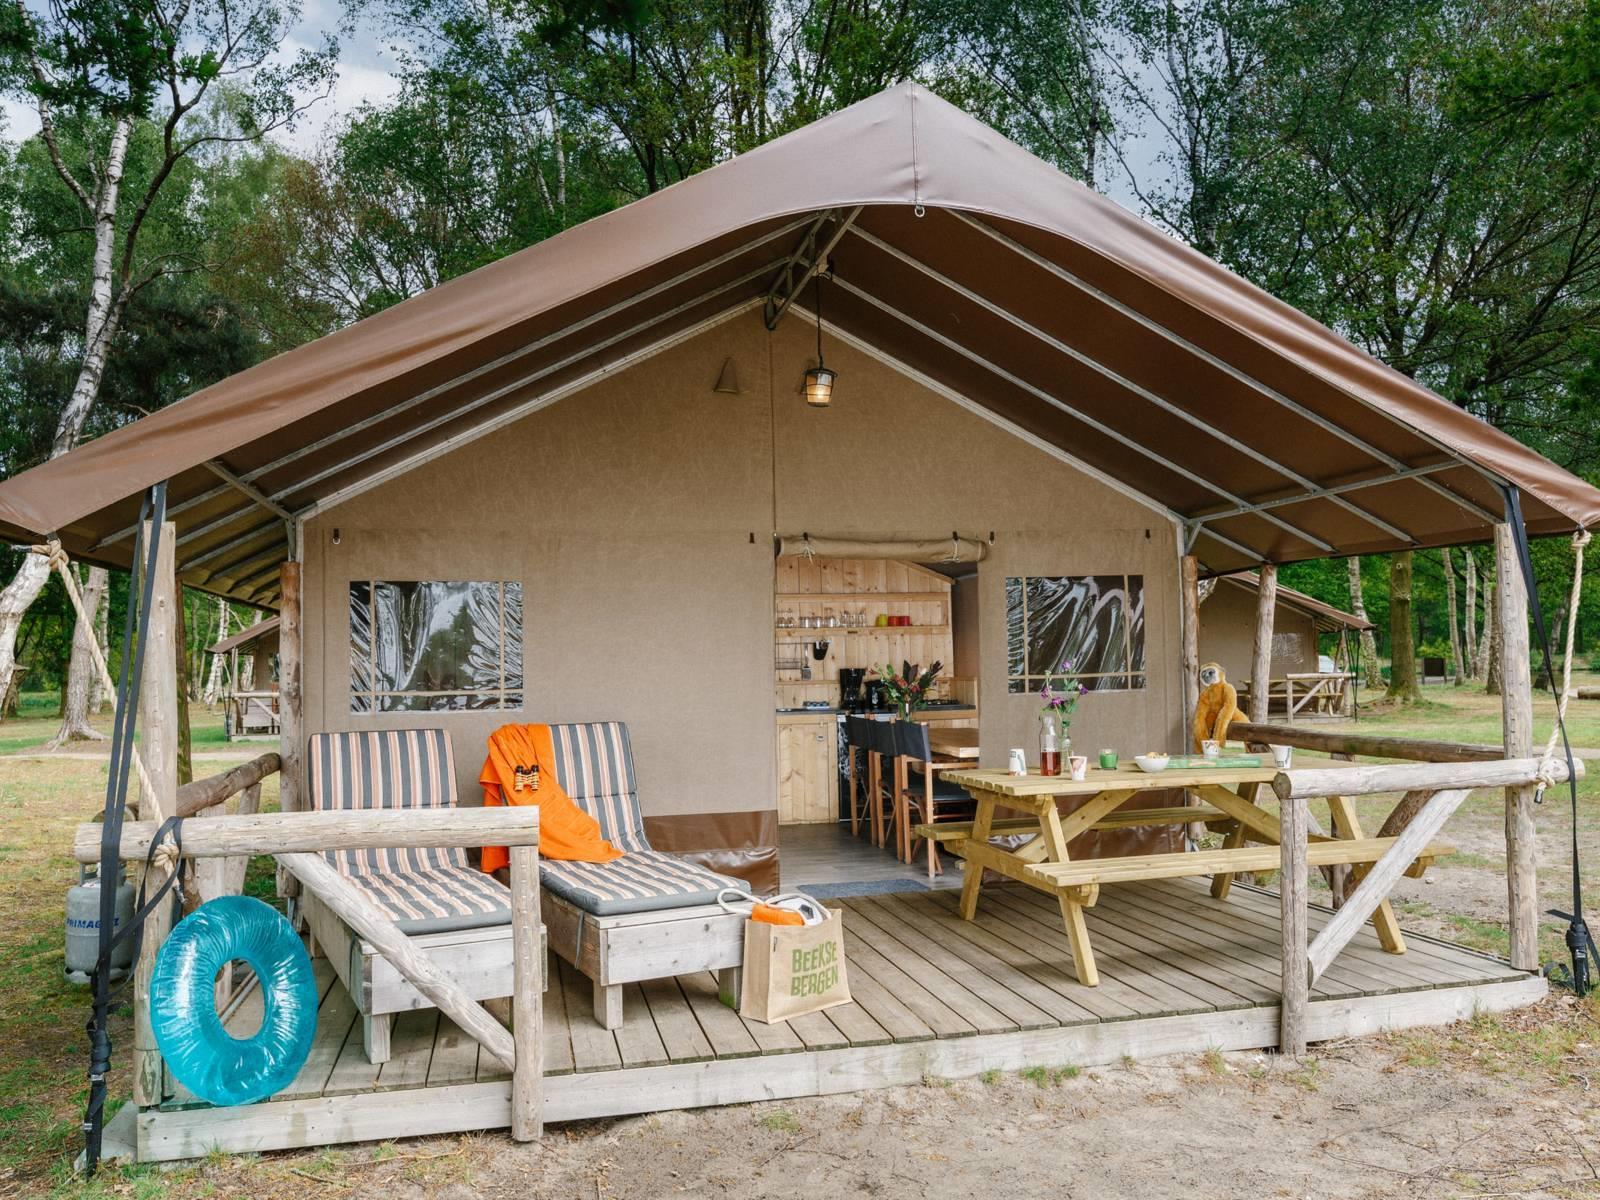 Location - Big Five Safaritent - Vakantiepark Beekse Bergen